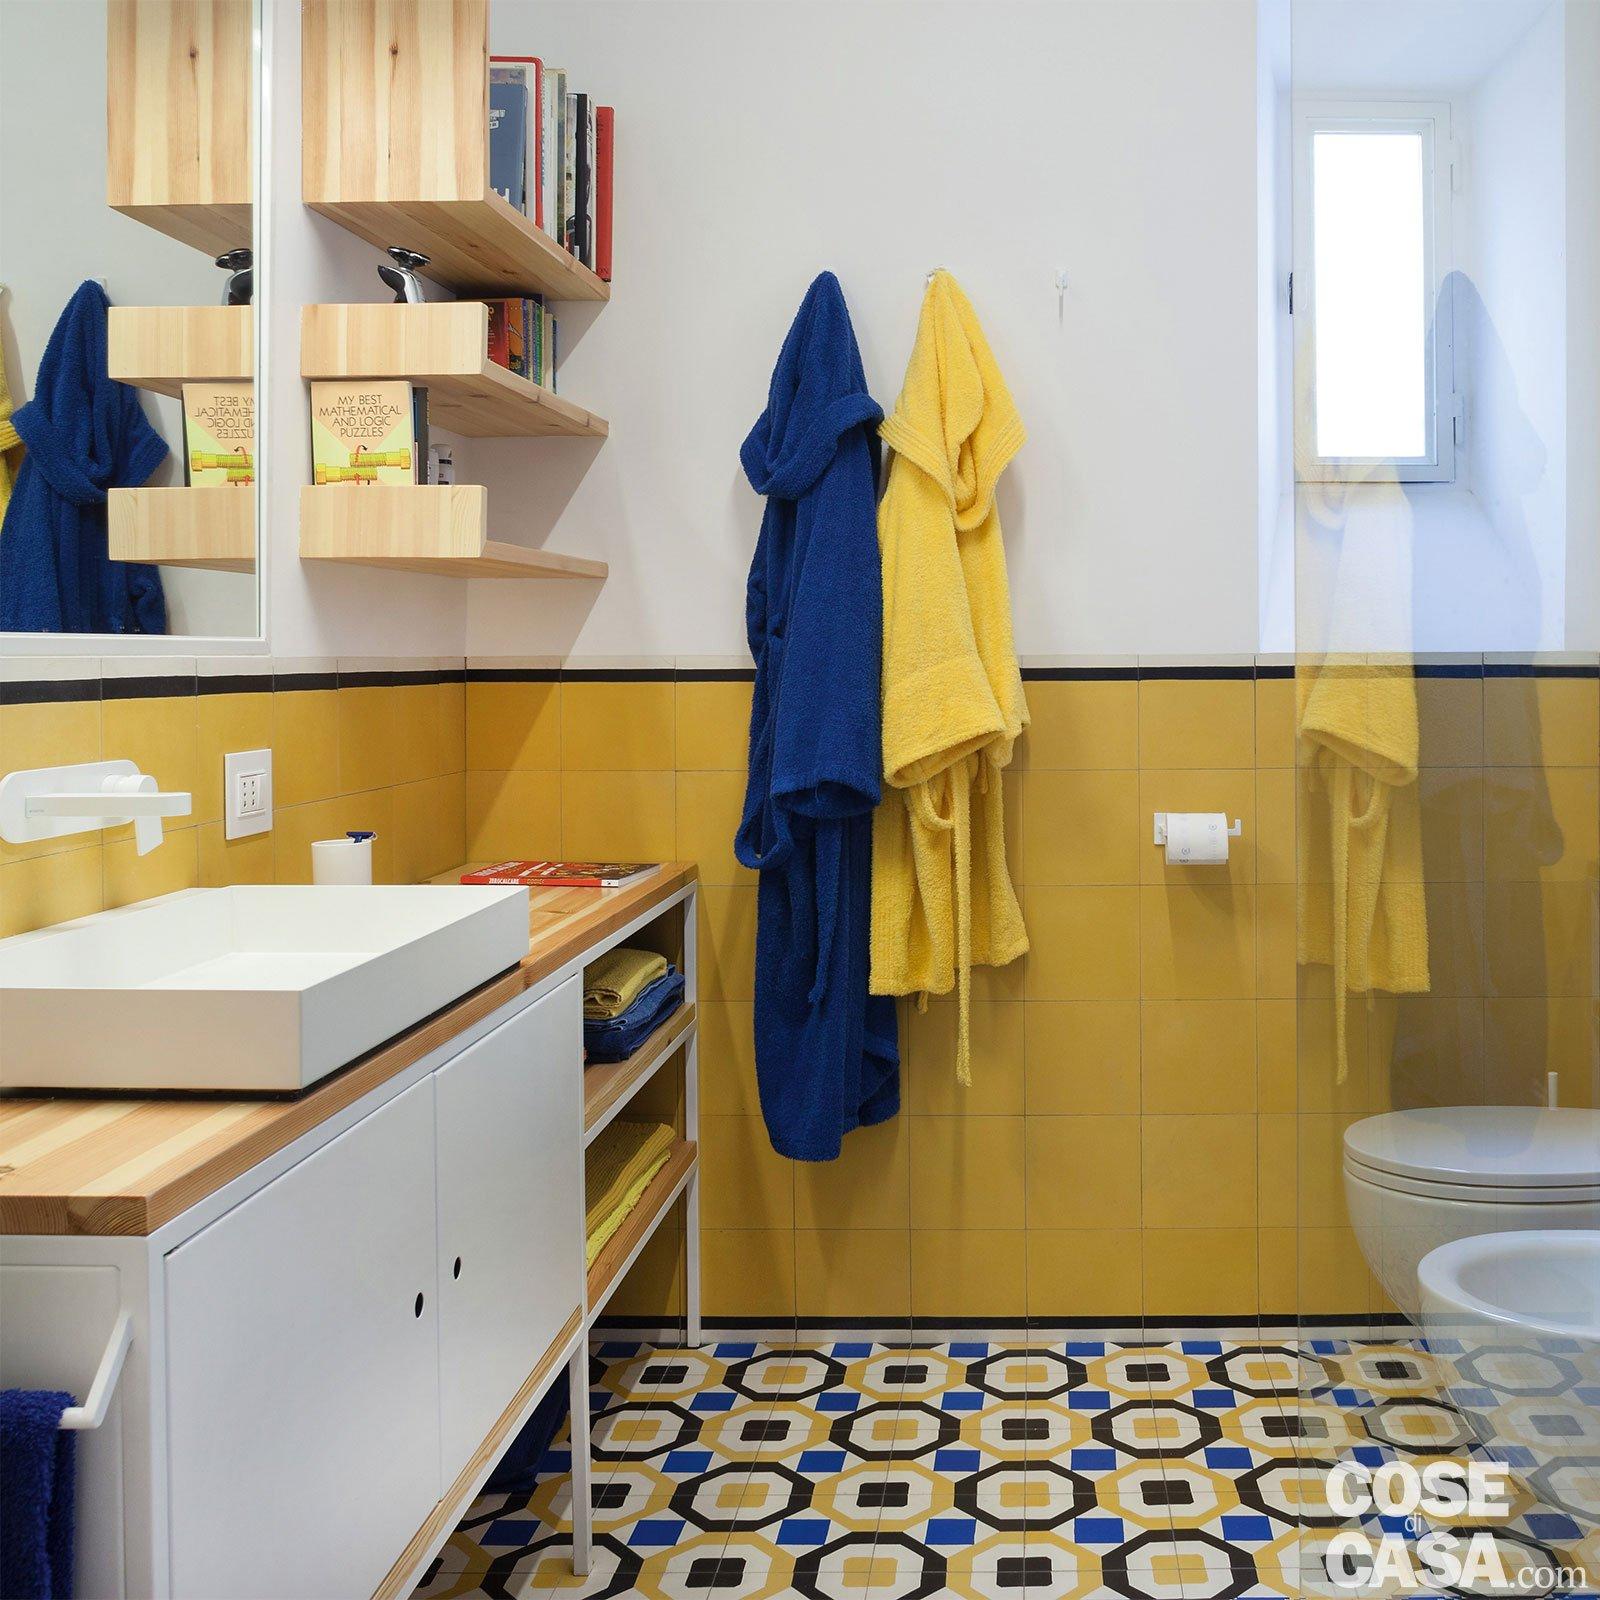 85 mq rinnovati con piastrelle decor, effetto cementina - Cose di Casa